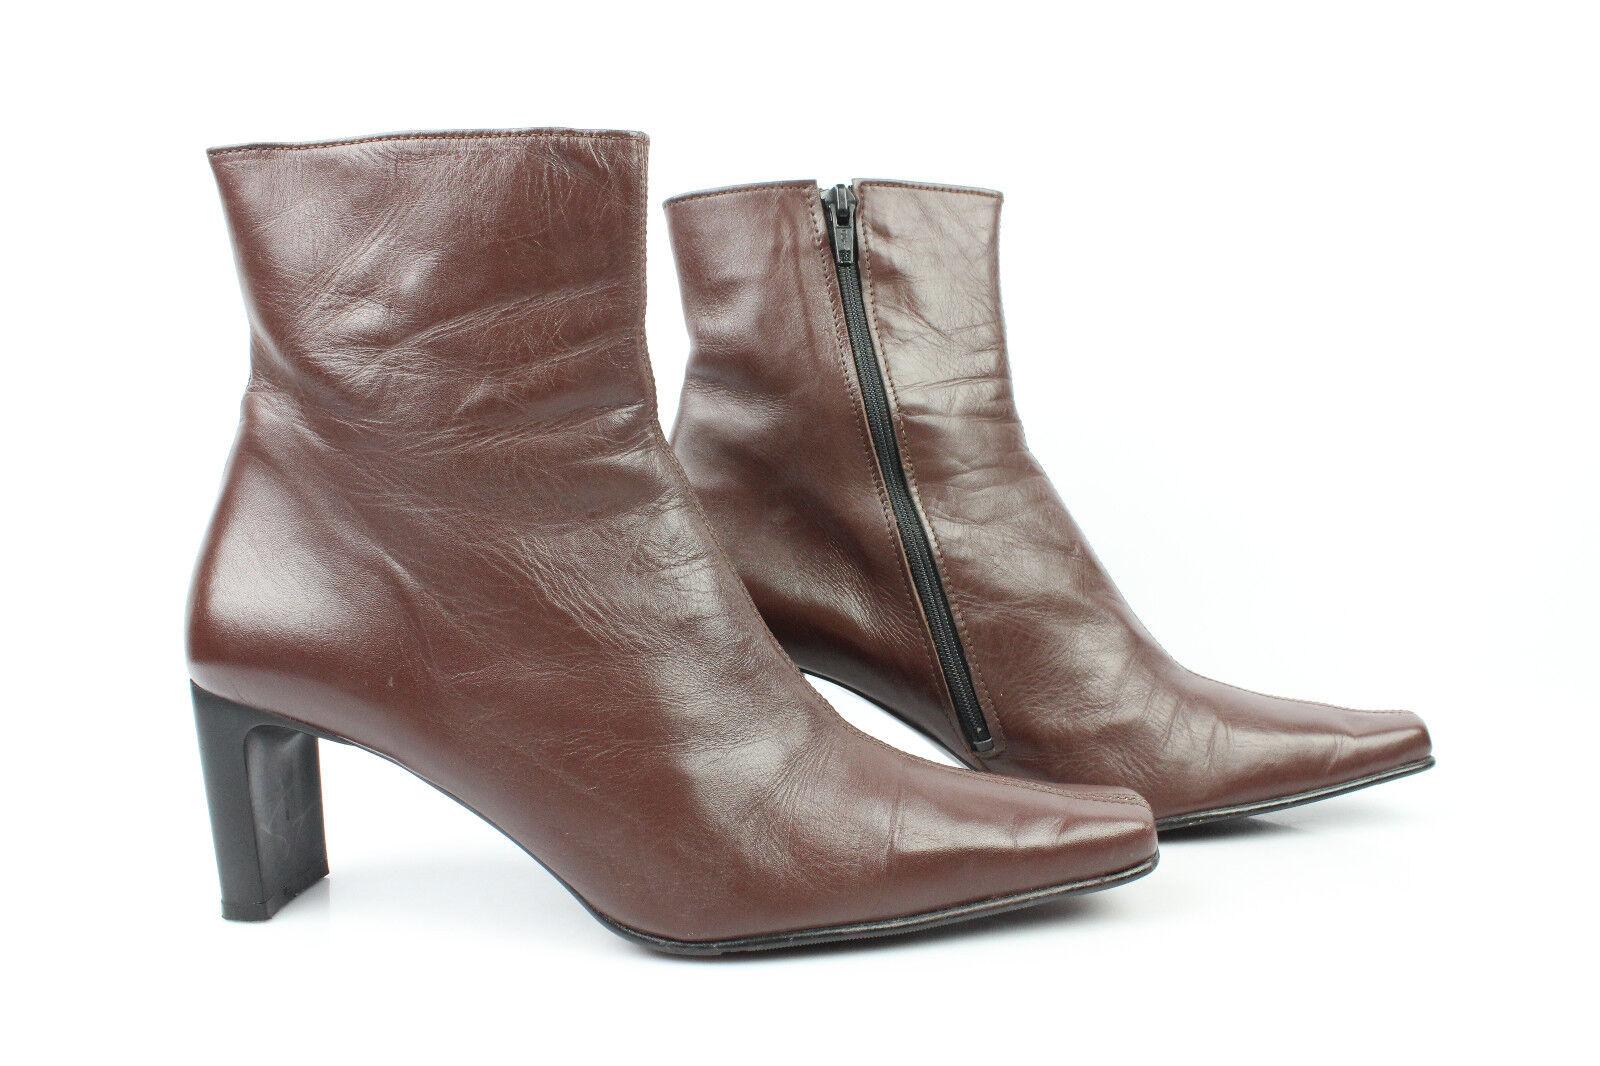 Stivali JACKSON Schuhe Britannico OTTIME Stile Pelle Marrone 41 T 41 Marrone b1d9a3